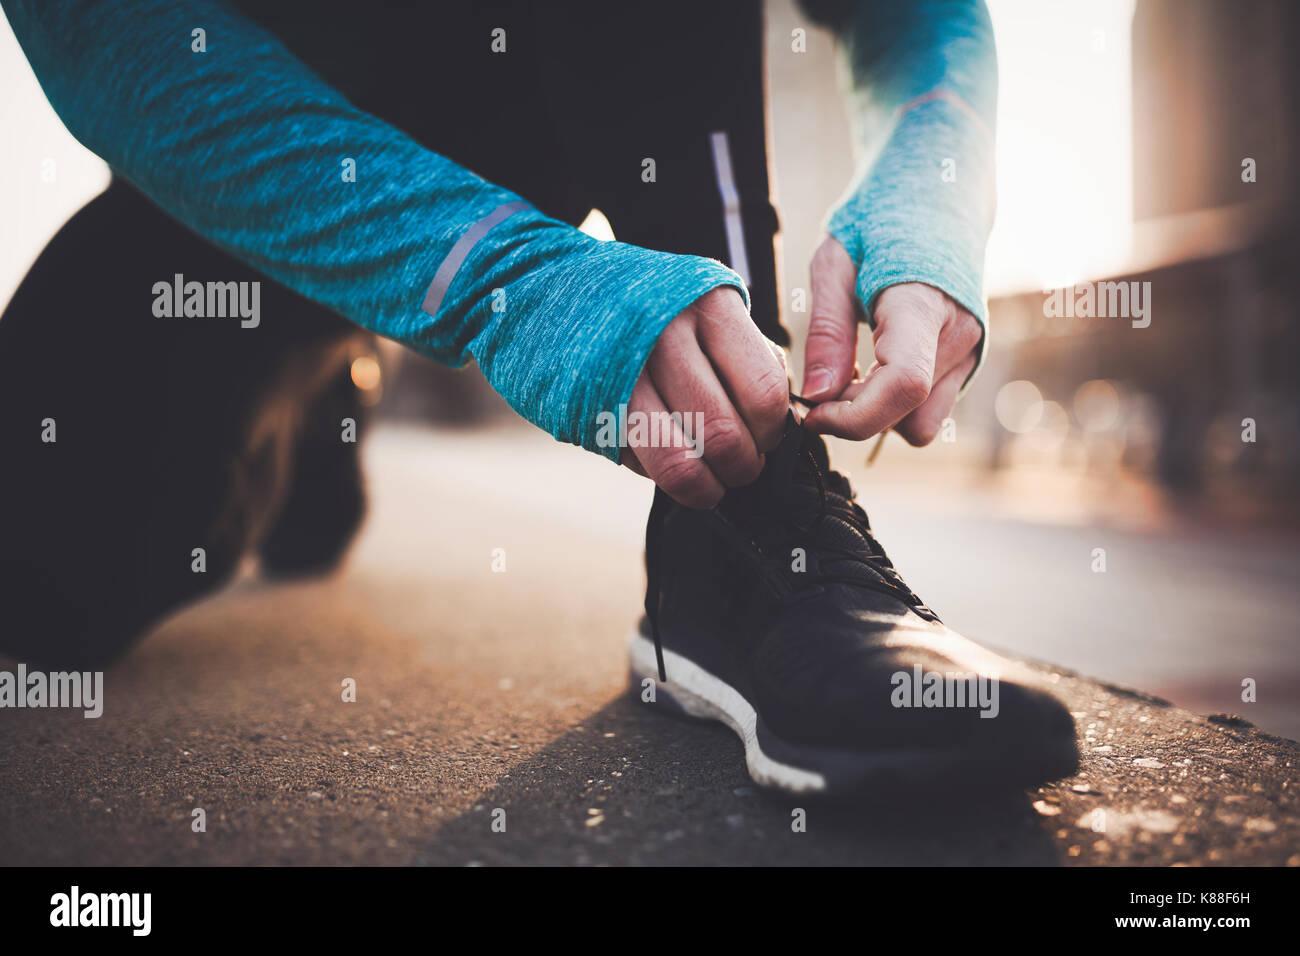 Joggen und Laufen sind Fitness Erholung Stockbild